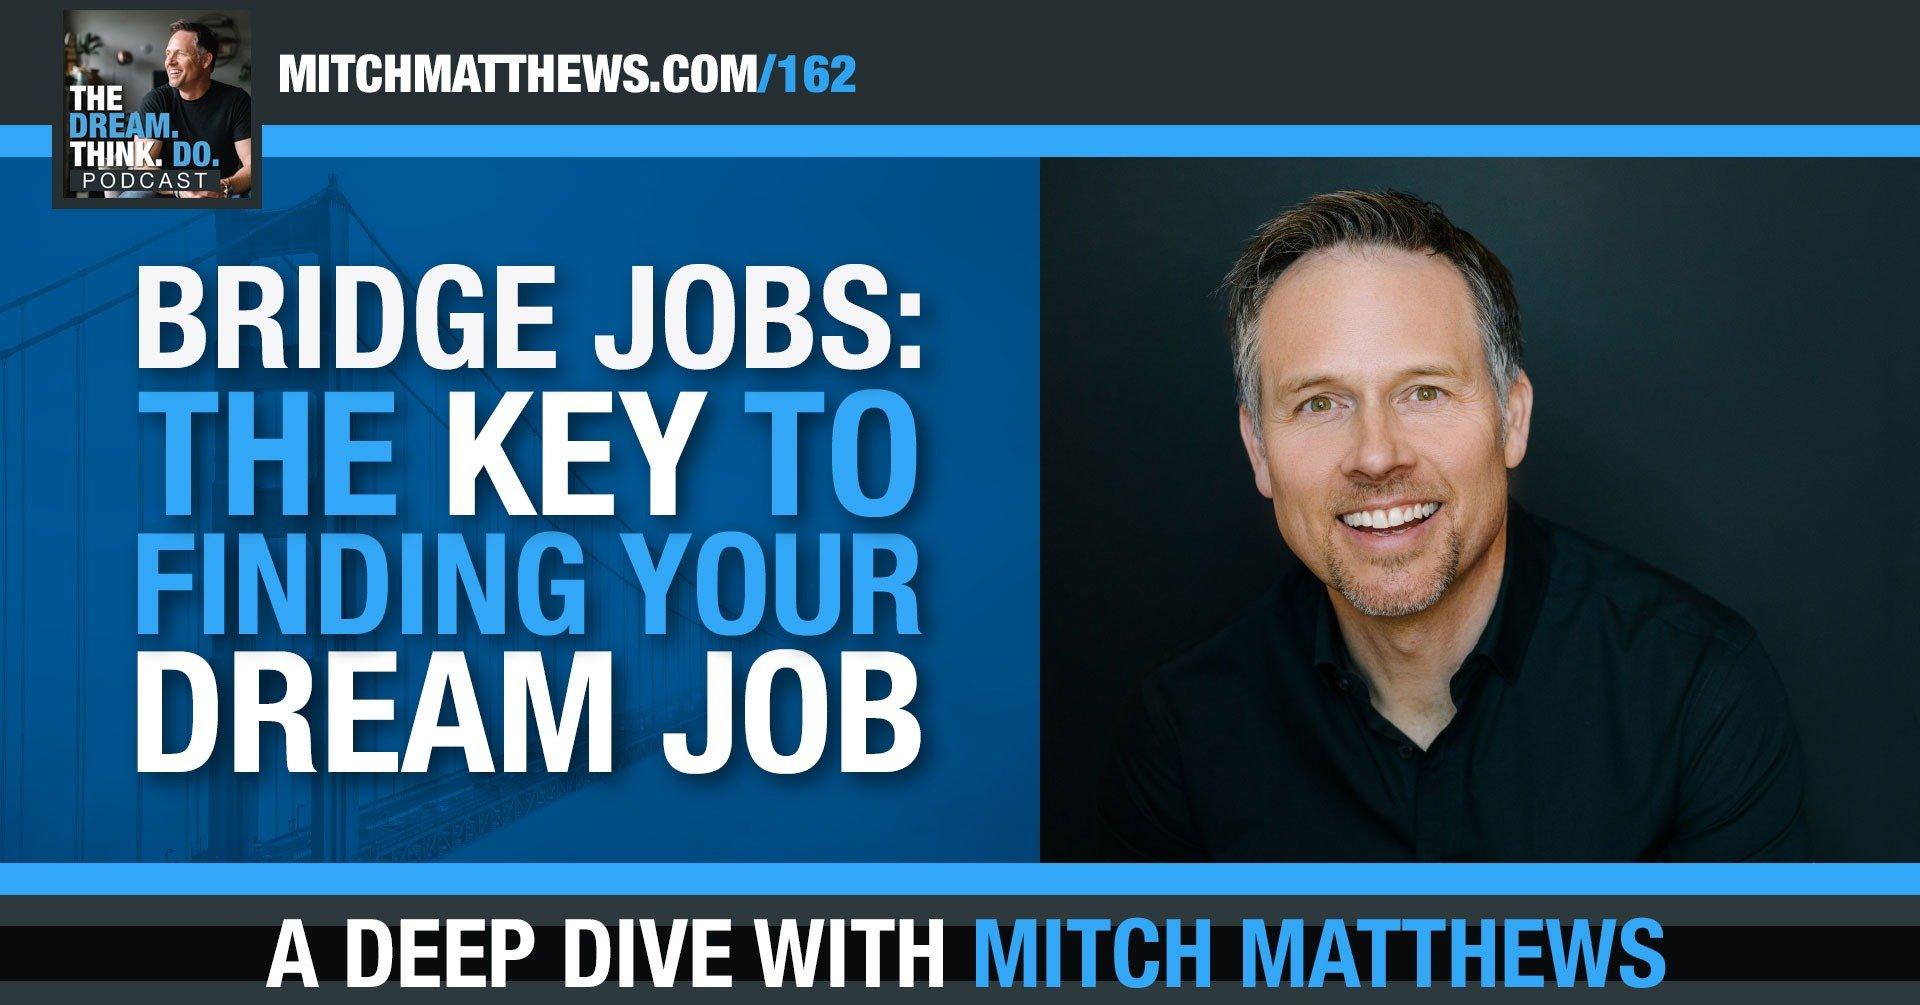 dream job redefined - Mitch Matthews